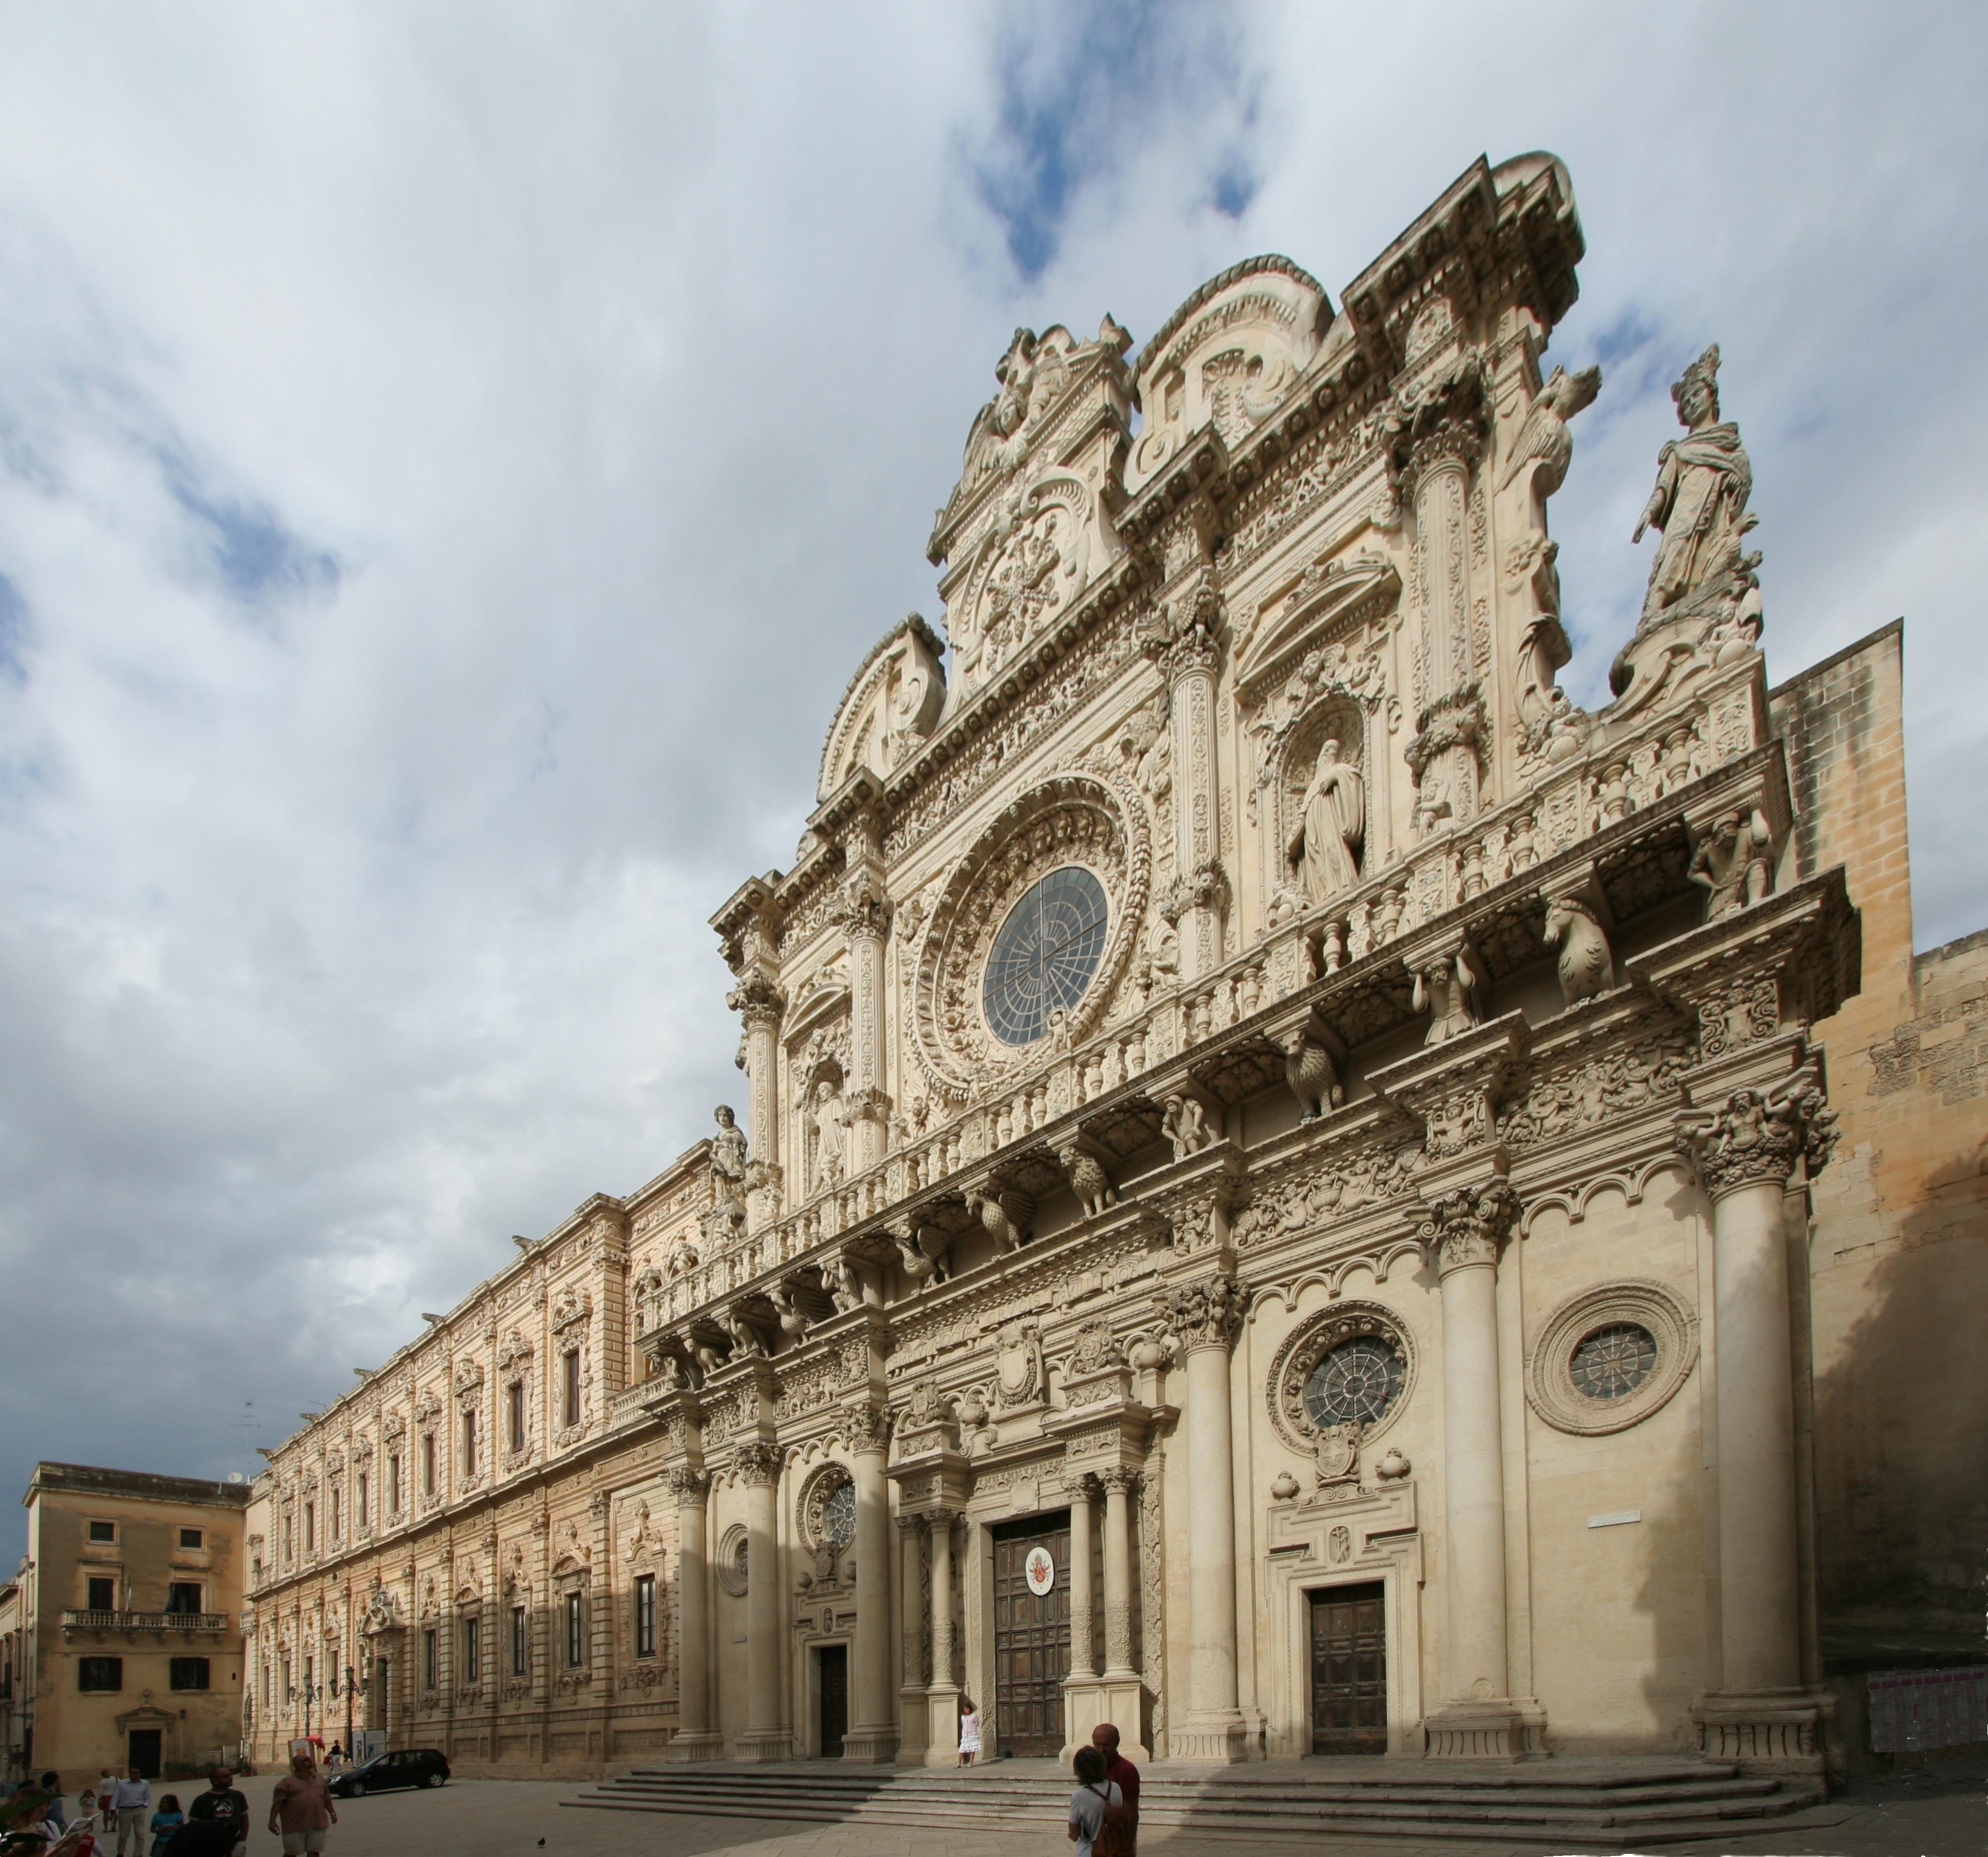 Architetti Famosi Lecce pietra leccese, maestranze ed opere del barocco leccese